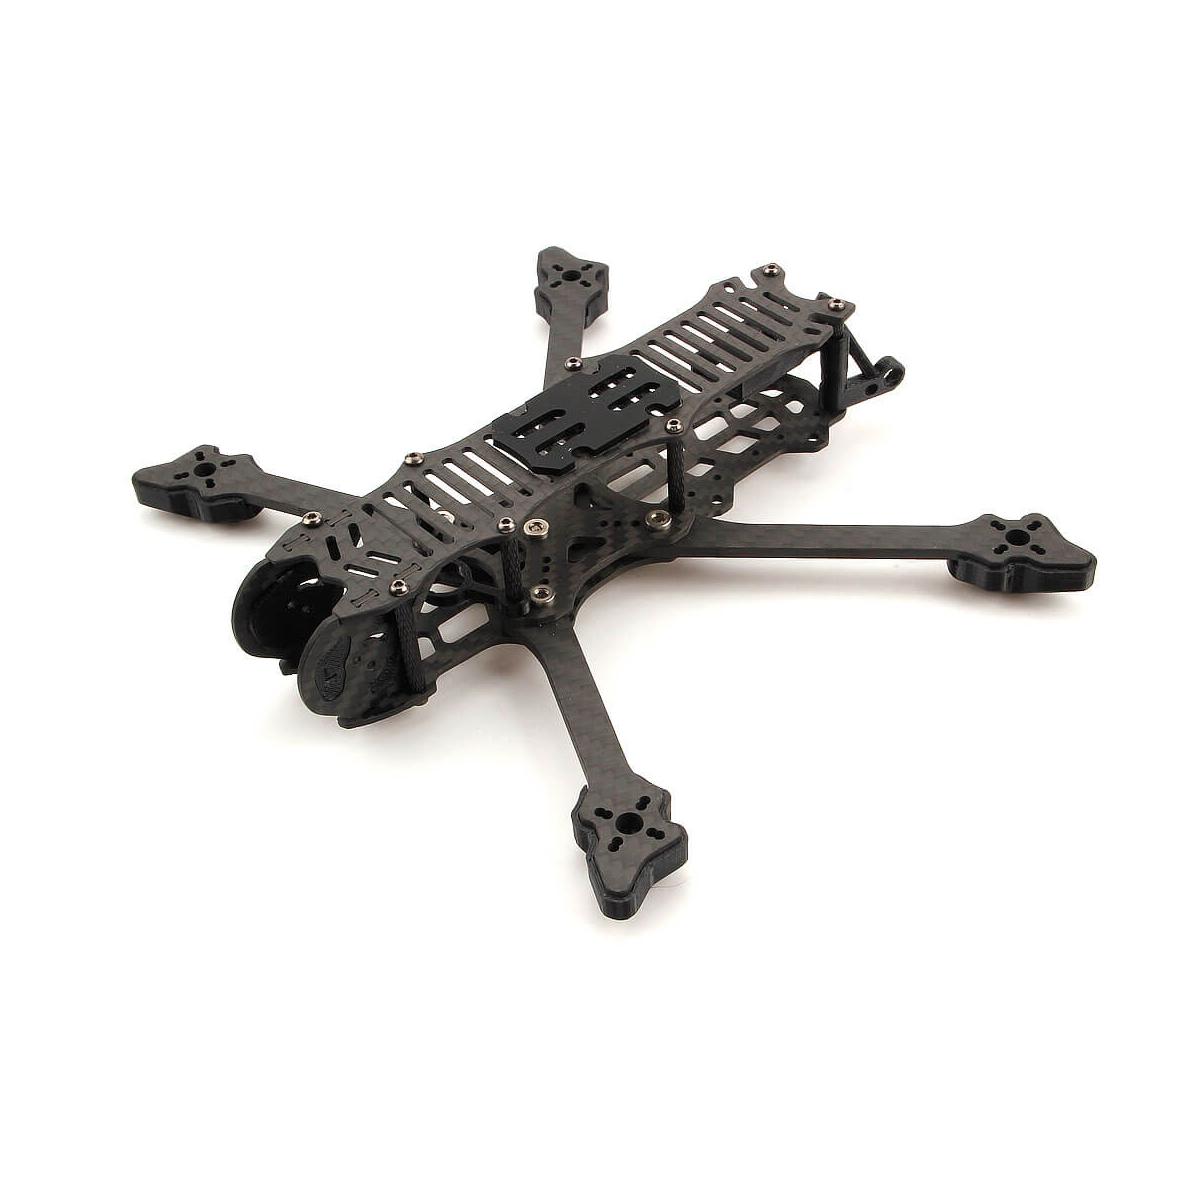 Rama drona wyścigowego FPV z kamerą